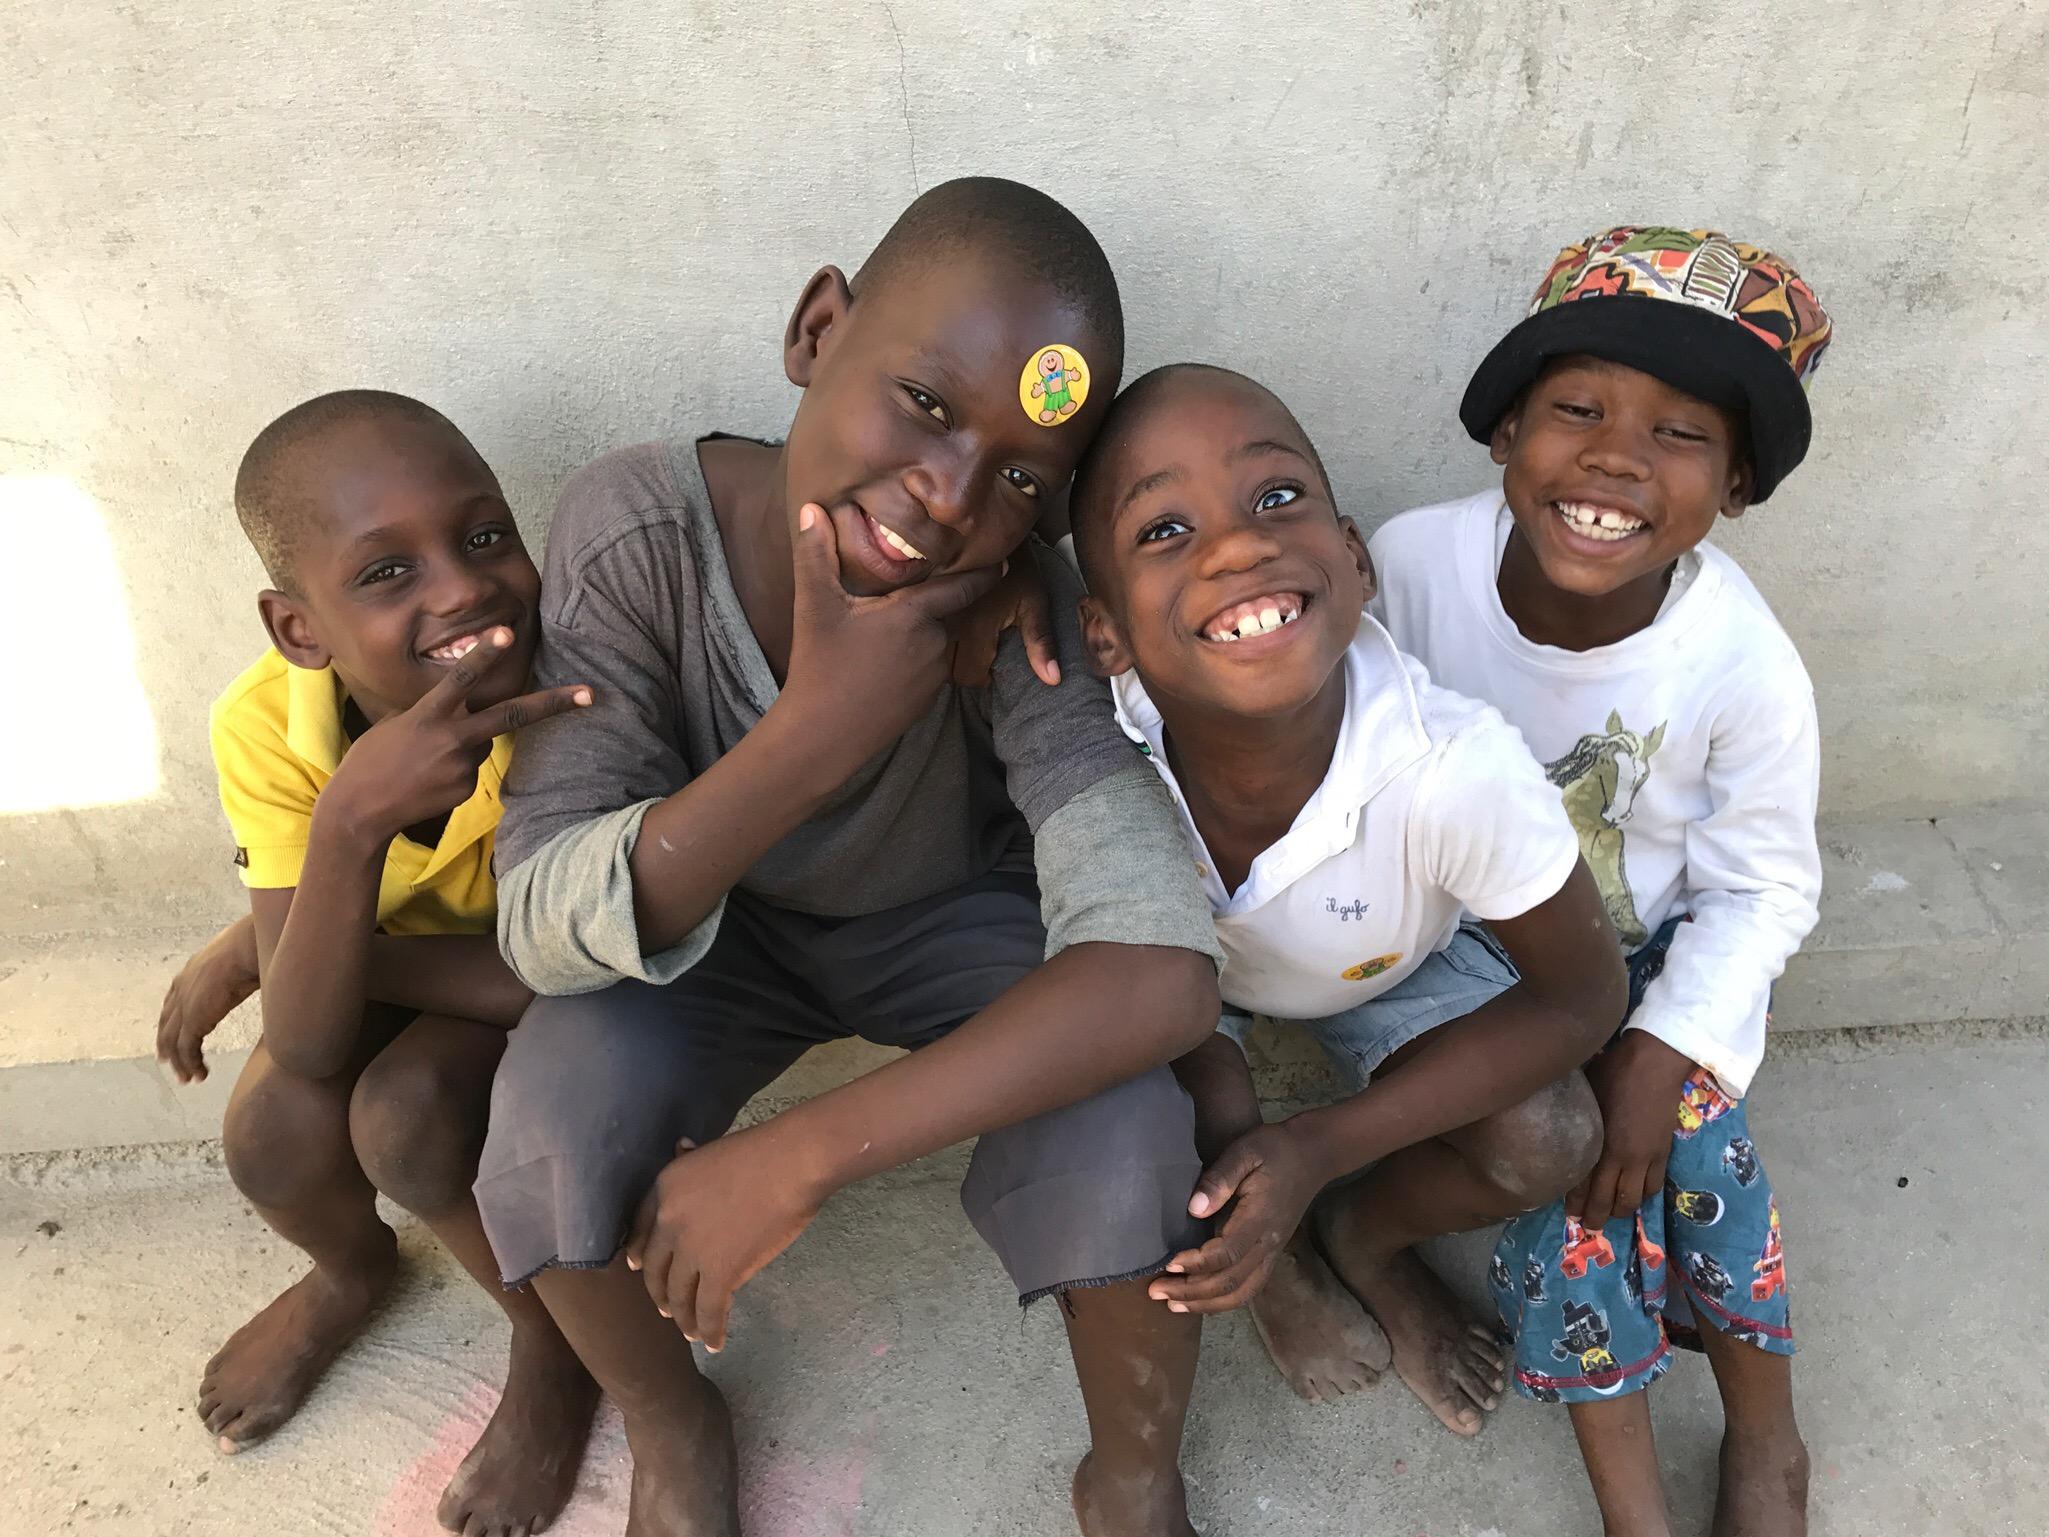 Haiti img 2670